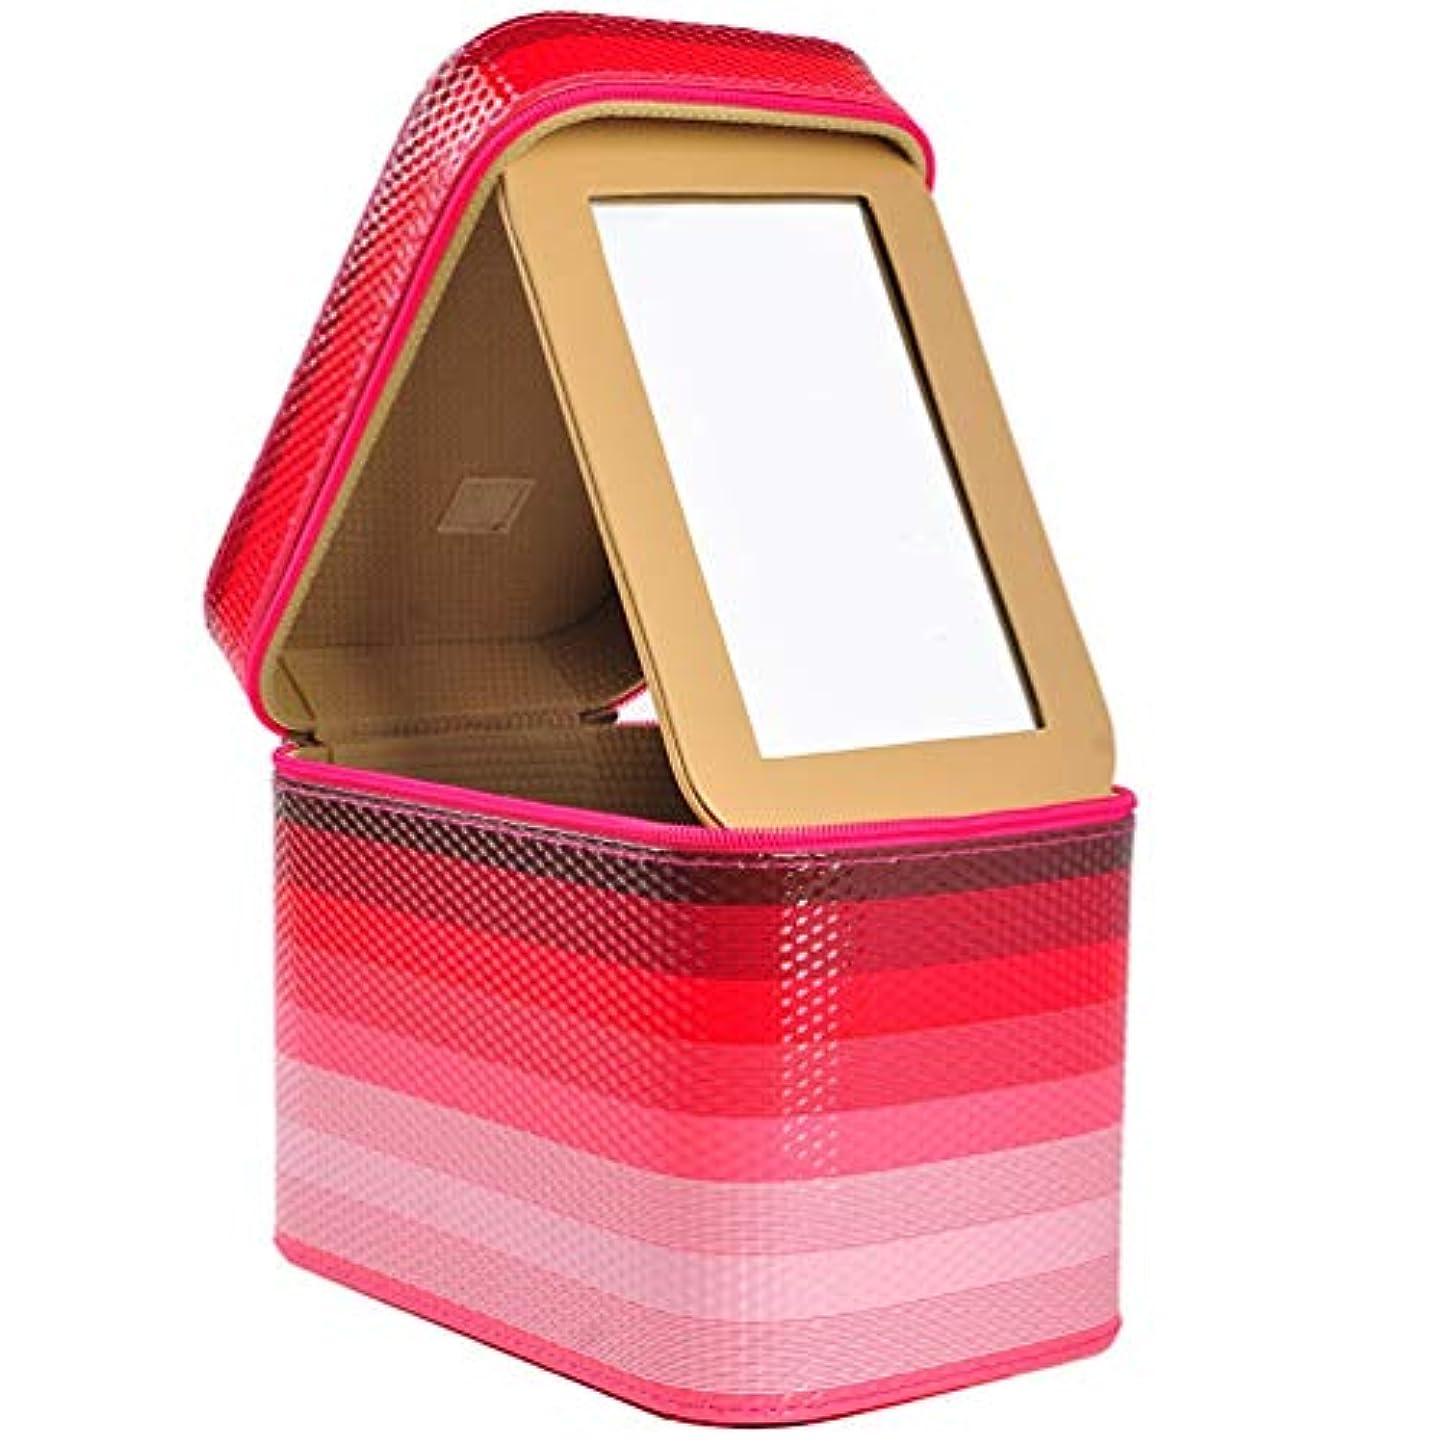 構築する服を着る救出[カタク]メイクボックス コスメボックス 大容量 鏡付き 化粧ボックス おしゃれ 取っ手付 携帯便利 化粧道具 メイクブラシ 小物 出張 旅行 機能的 PUレザー プロ仕様 きらきら 化粧ポーチ コスメBOX